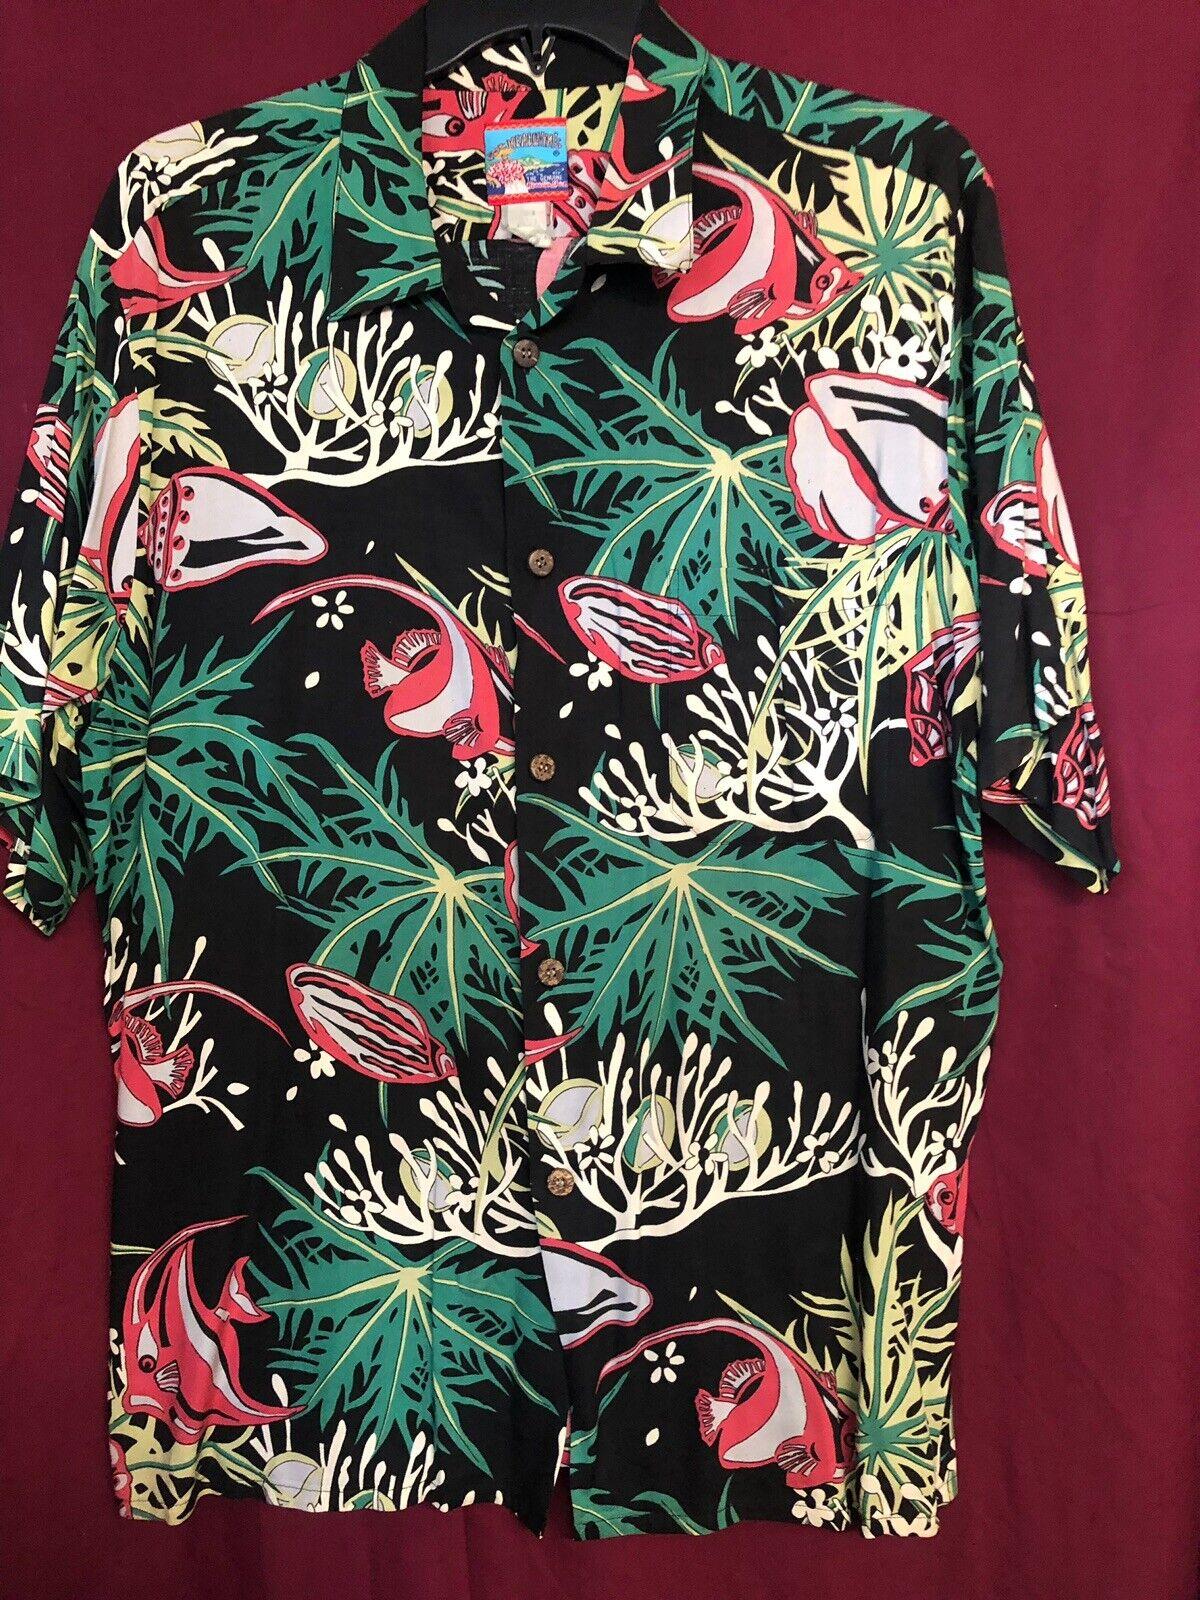 J.Kealoha Aloha Hawaiian Shirt Rayon sz.L - image 1